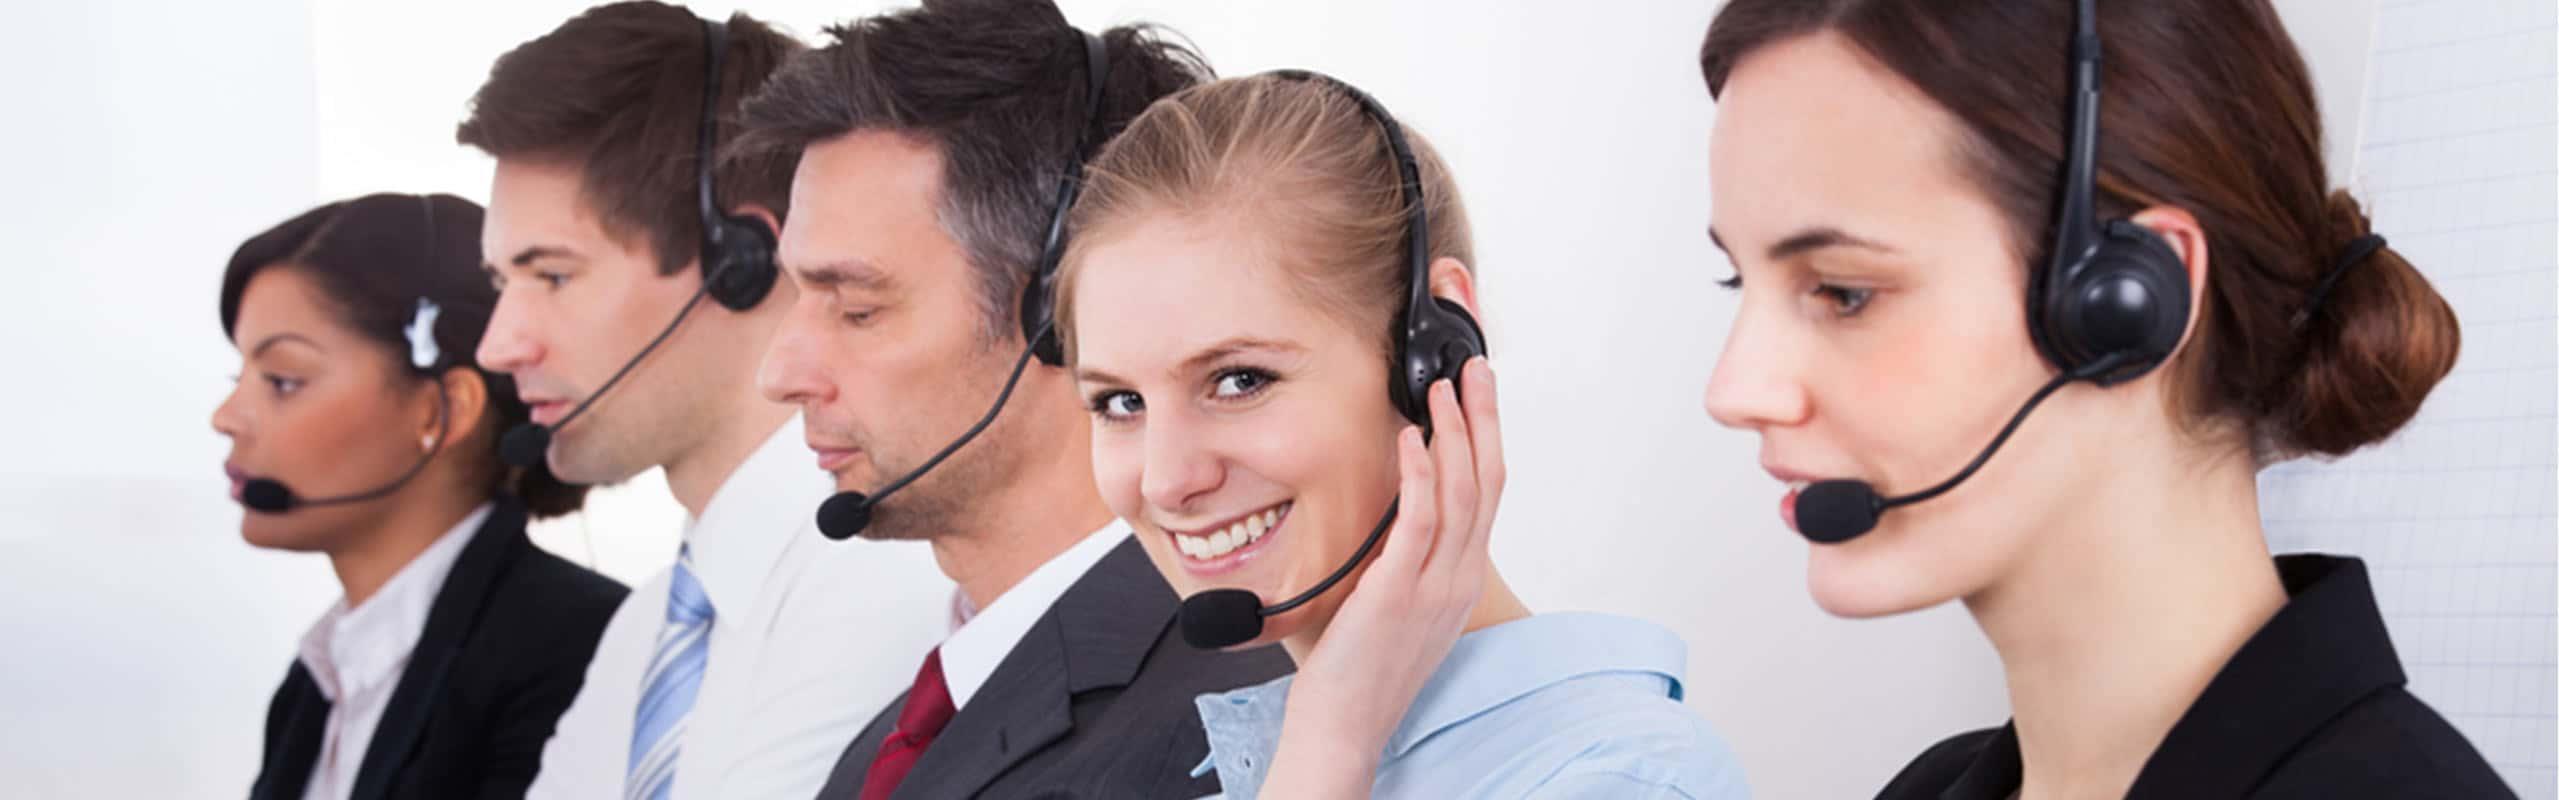 Descubre la importancia del servicio al cliente